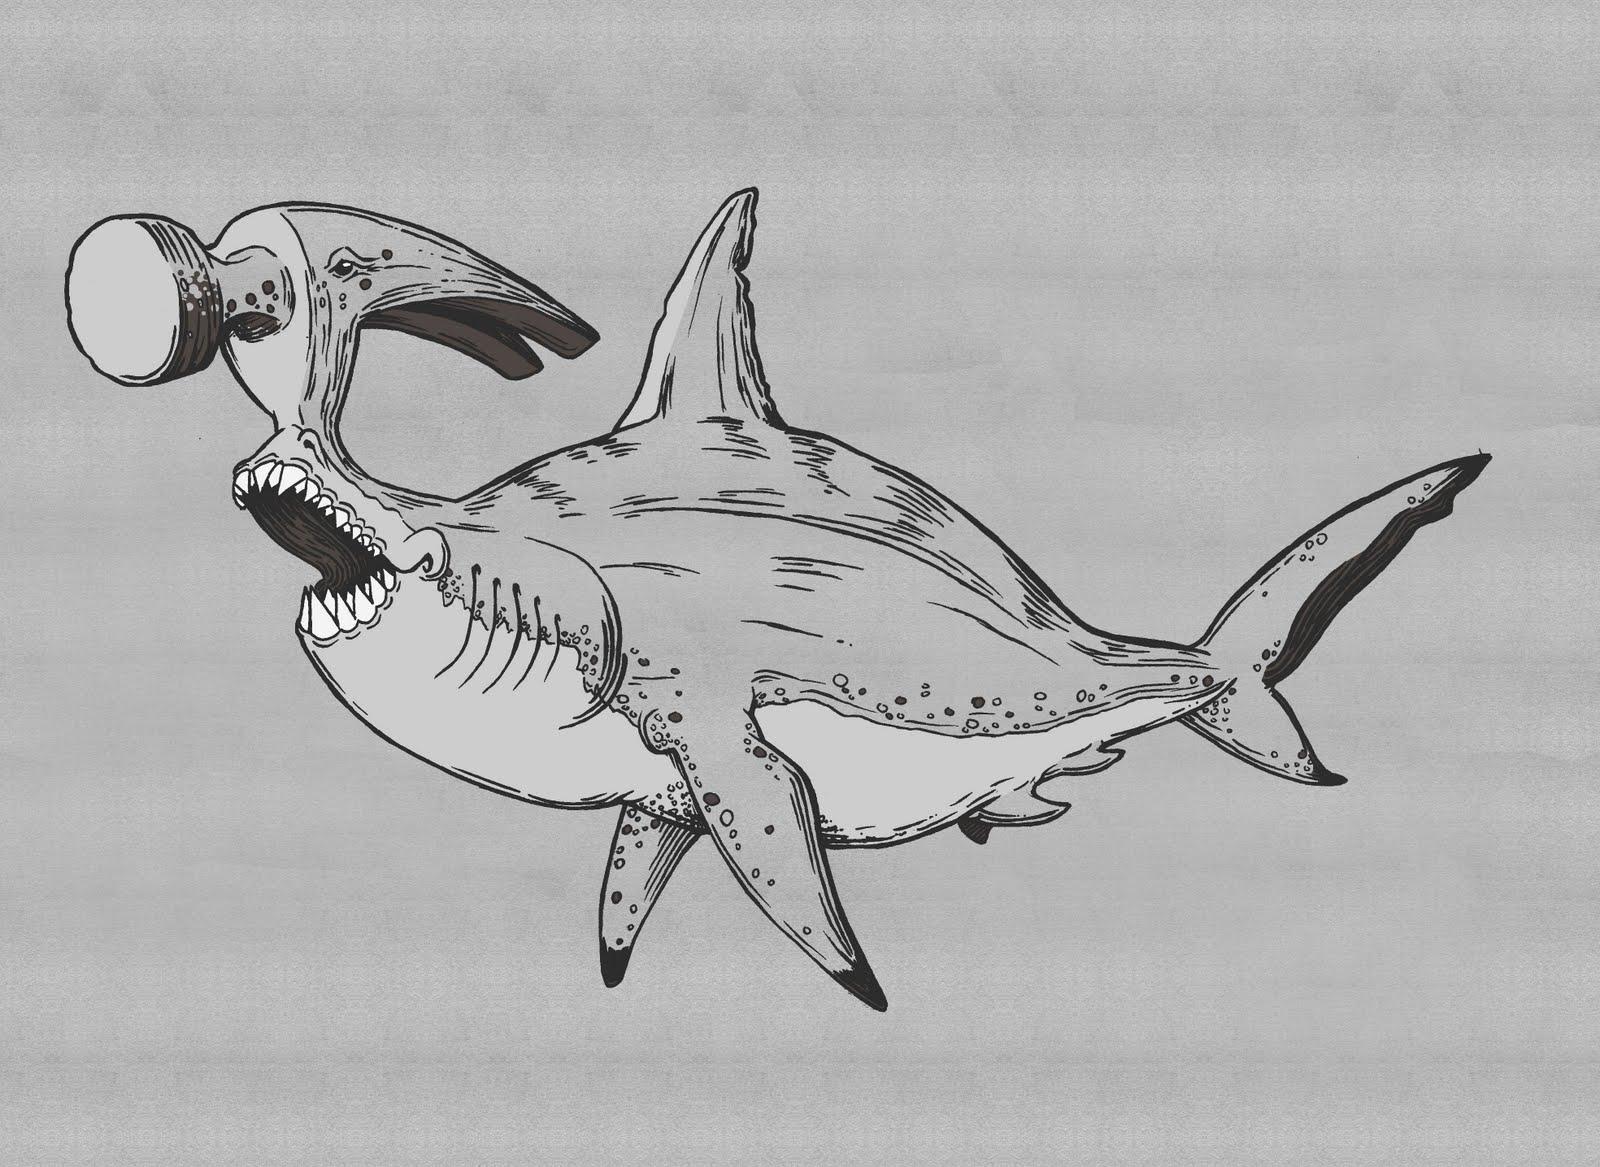 Art of Chris Neuenschwander: The Great Hammerhead Shark!